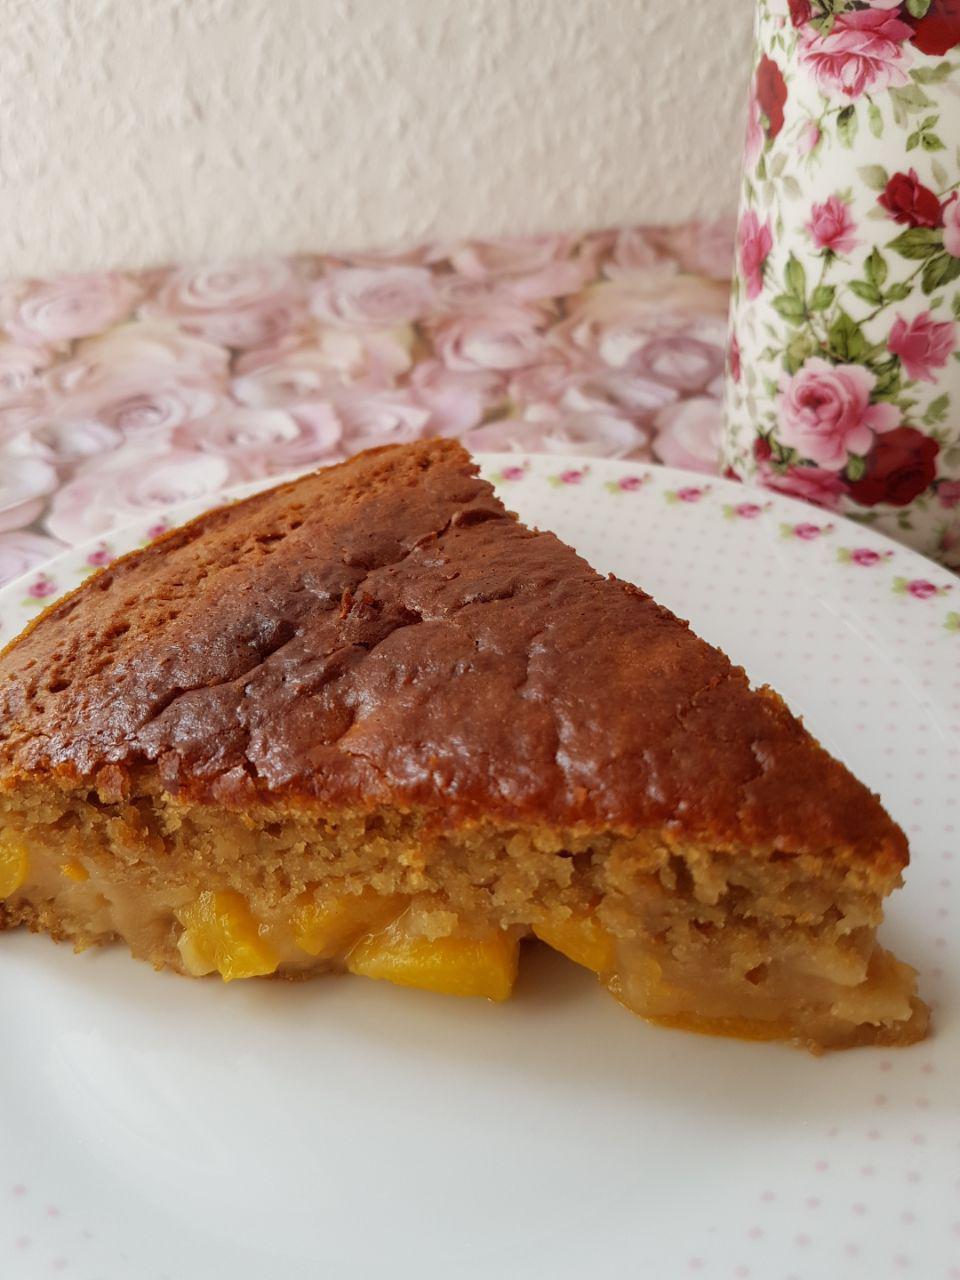 Pfirsich Joghurt Kuchen 12 Stucke Vegan Und Munter